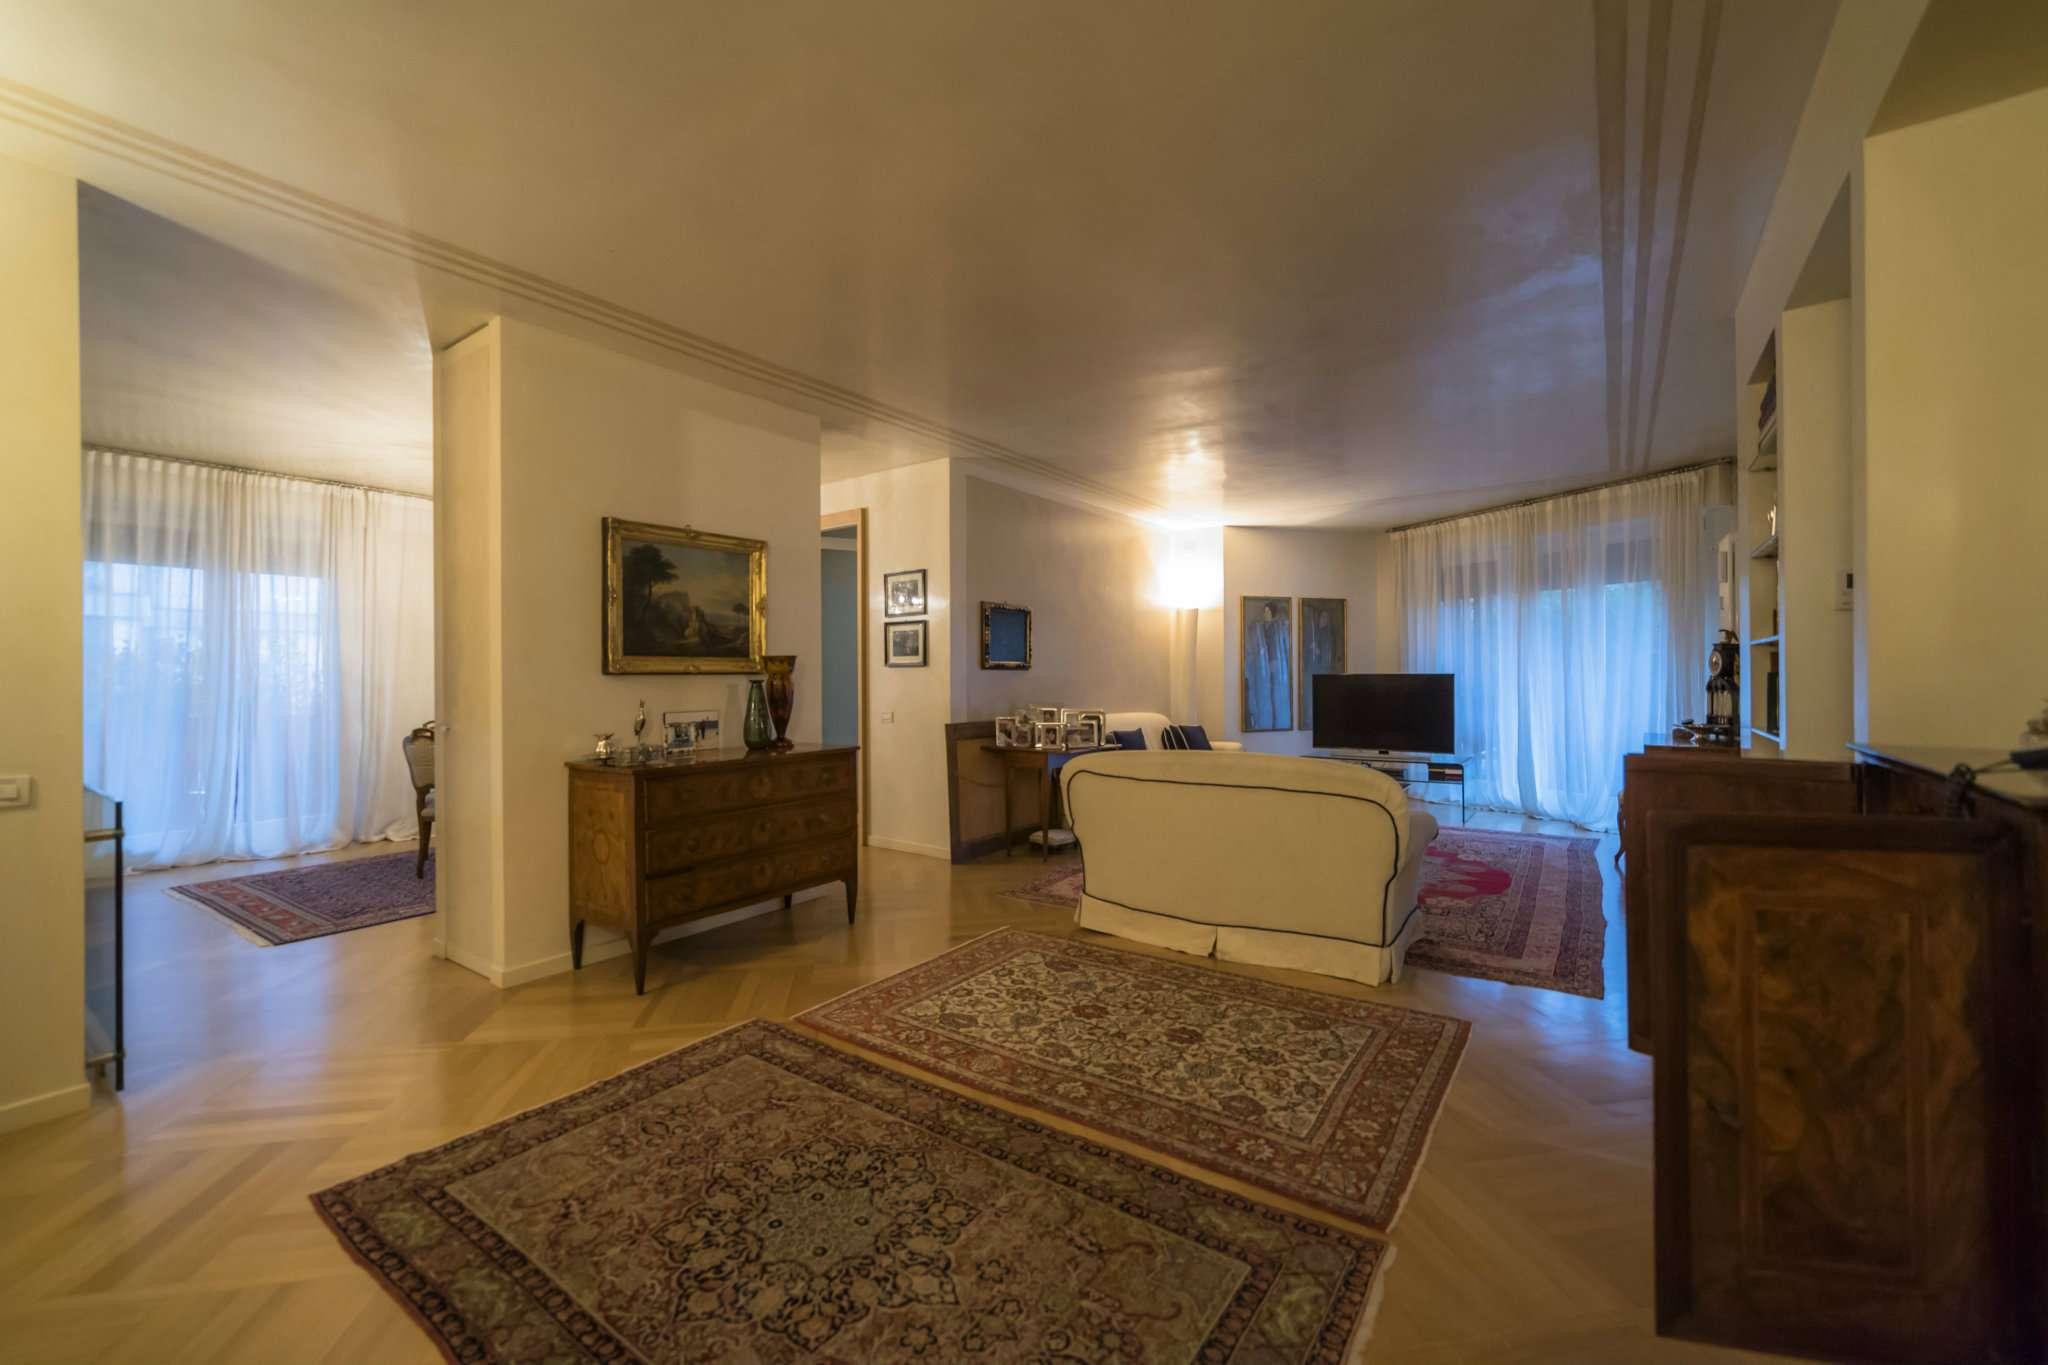 Appartamento in vendita a Bergamo, 5 locali, prezzo € 1.100.000 | Cambio Casa.it